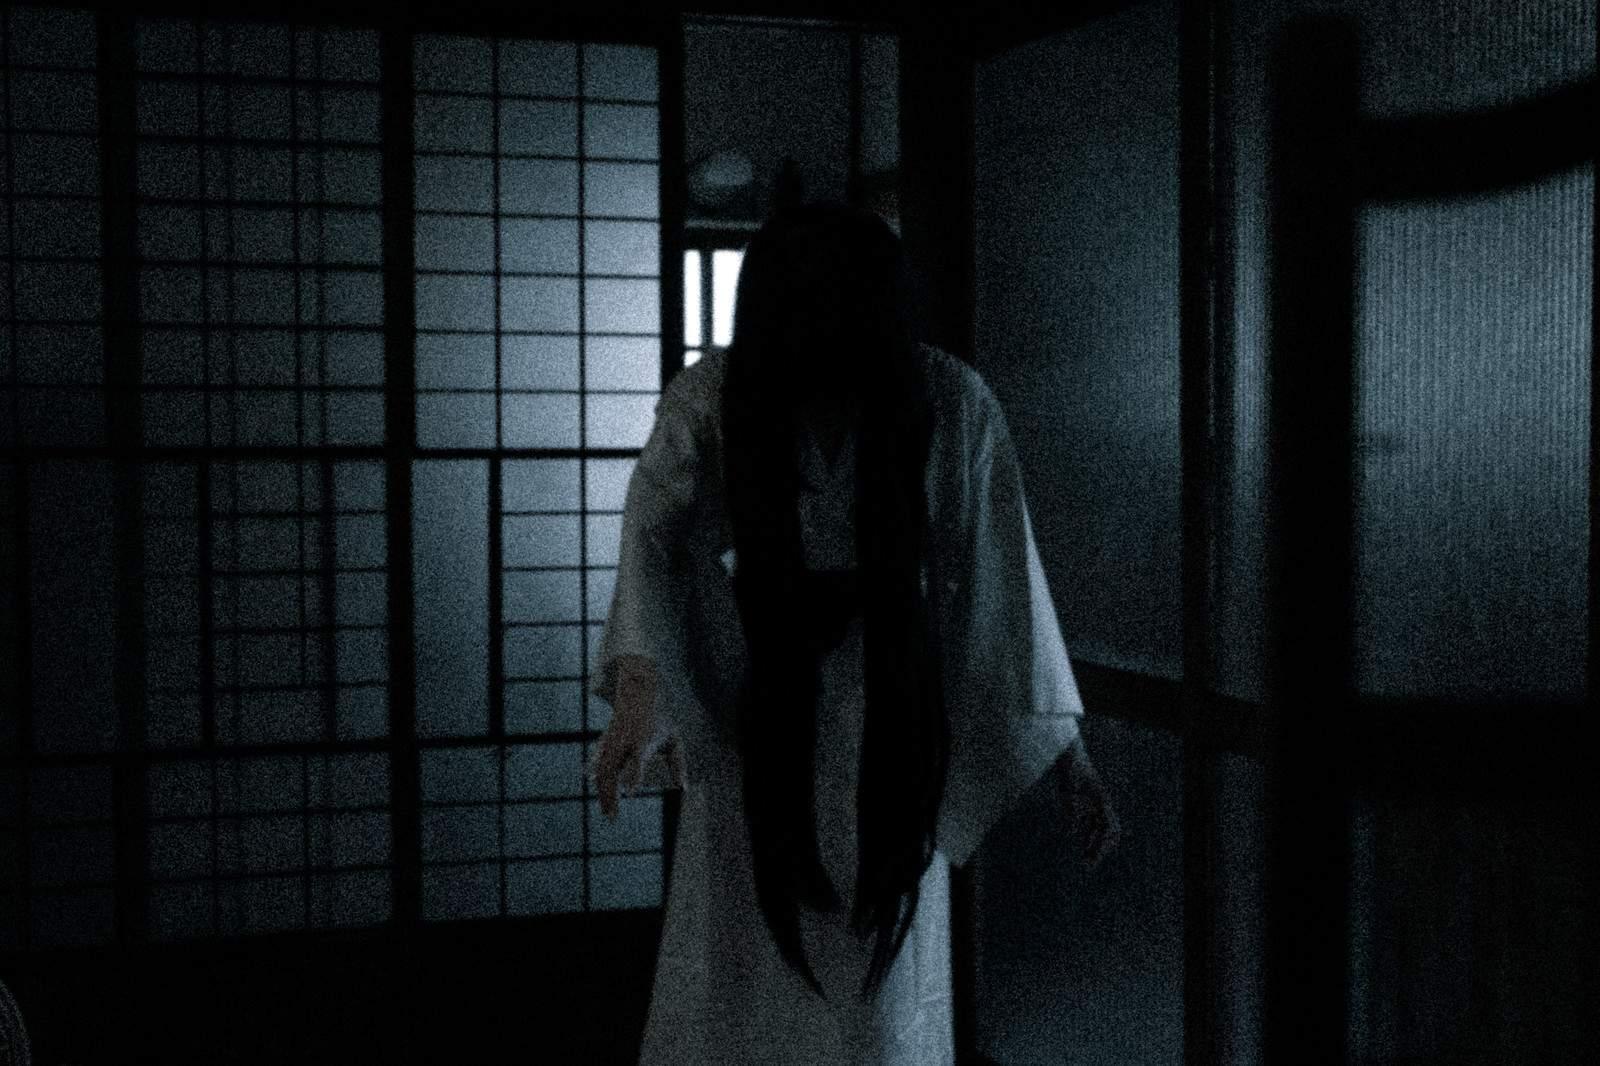 【怖い話 短編集】『白い着物の女の霊』など全5話 洒落怖・オカルト・都市伝説